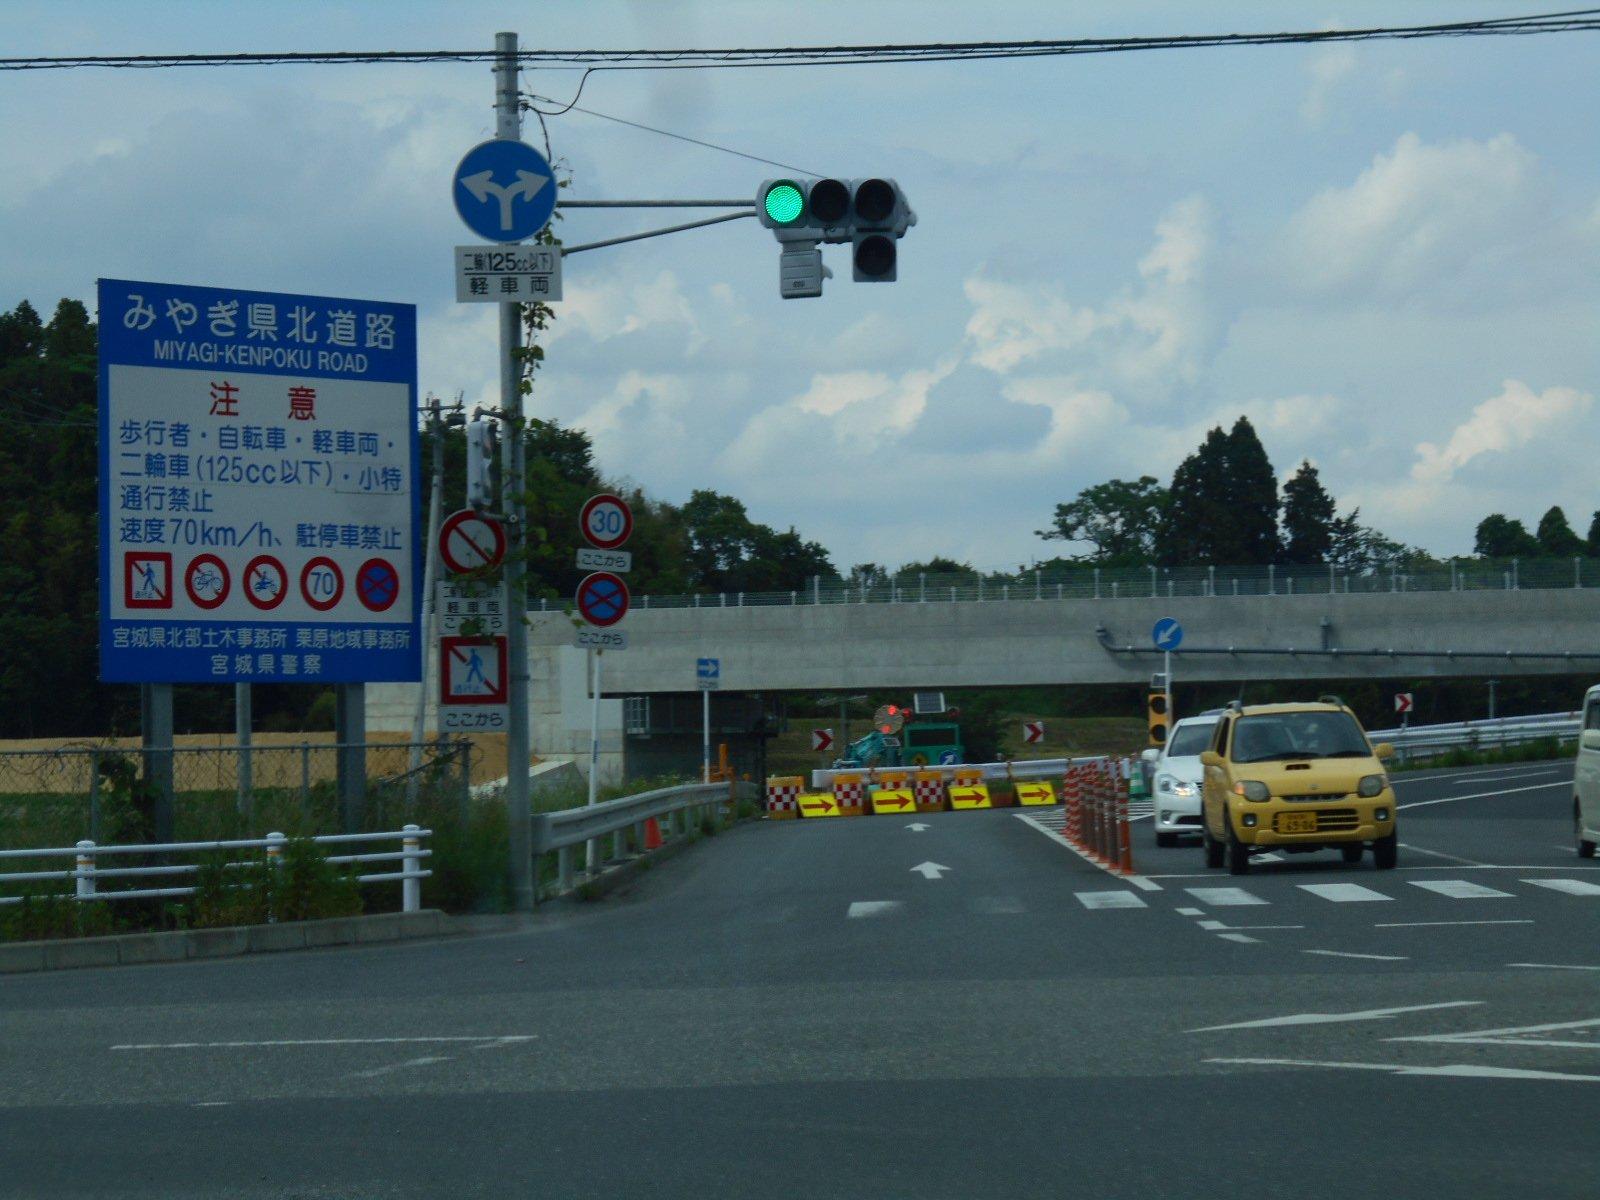 高速 北 道路 幹線 県 みやぎ みやぎ県北高速幹線道路 全線開通、21年度末に延期